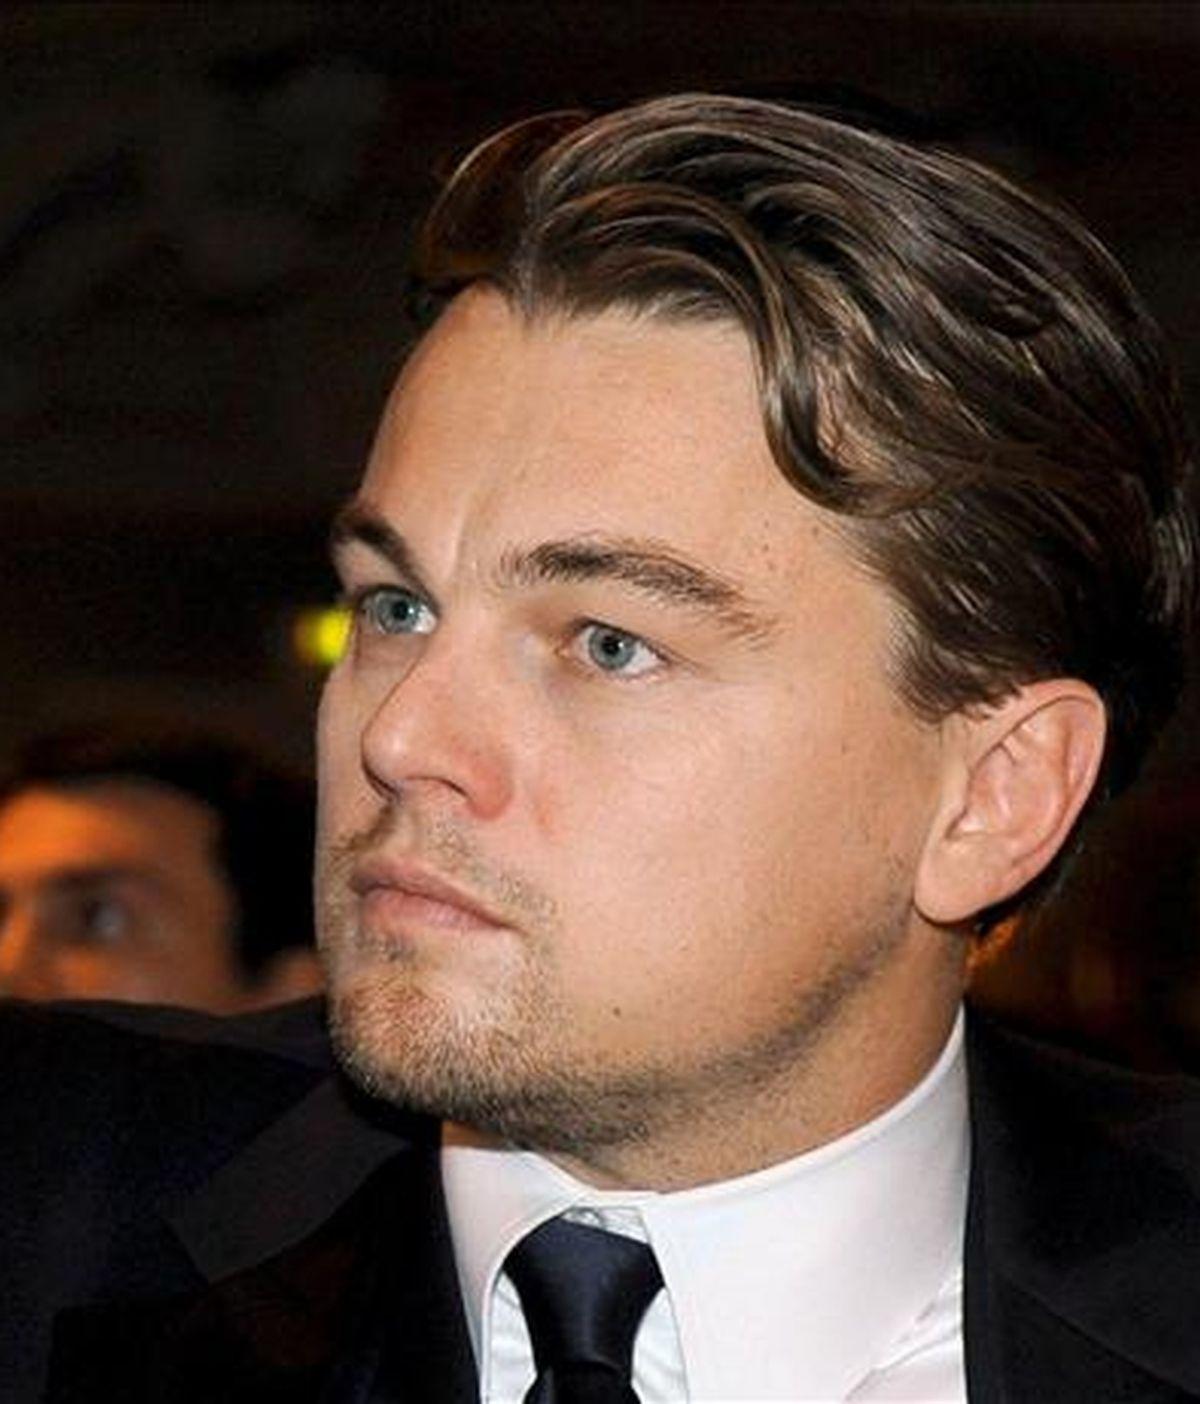 El ataque se produjo hace cuatro años durante una fiesta en Hollywood y Di Caprio recibió profundos cortes en su oreja y cuello que le obligaron a recibir 17 puntos de sutura. EFE/Archivo